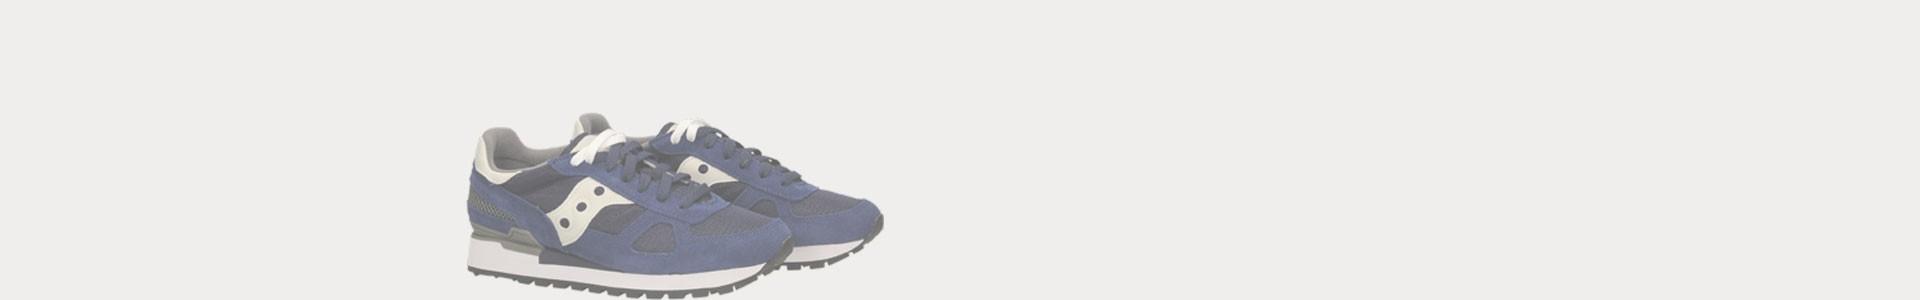 Zapatillas para Hombre online | Compra en AnyGivenSunday.Shop